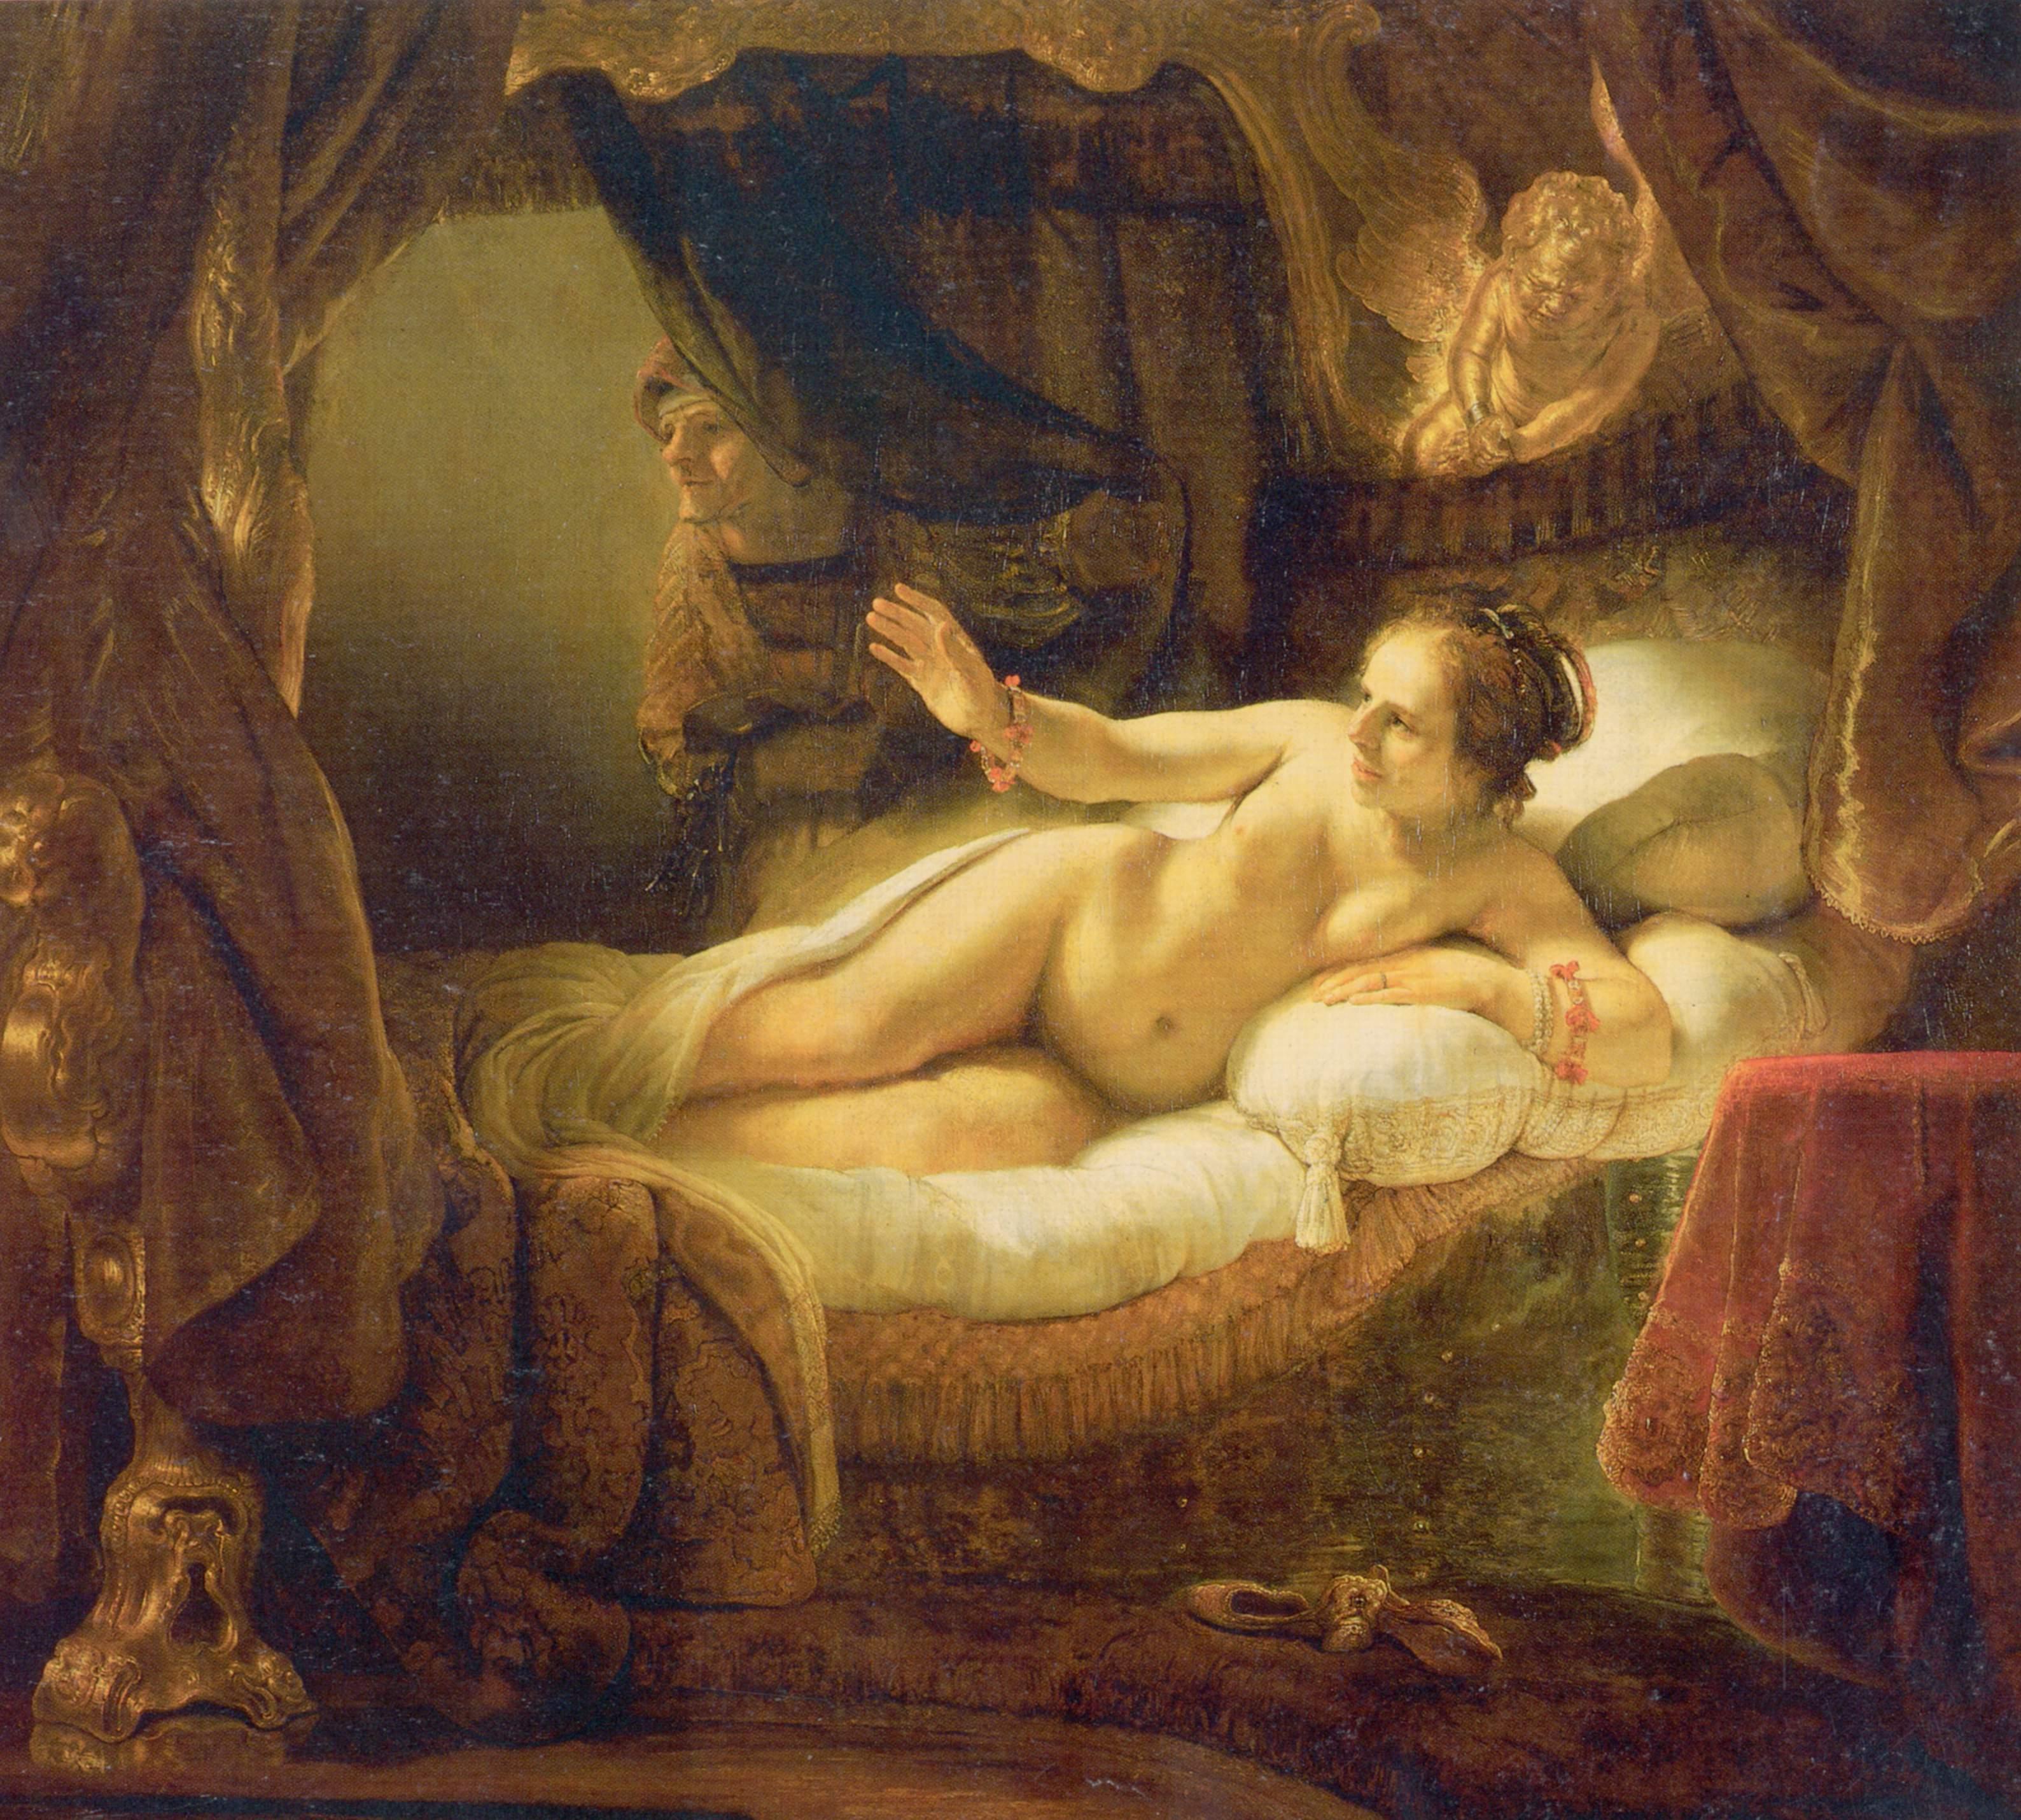 Danaë (Rembrandt painting): en.academic.ru/dic.nsf/enwiki/3207444